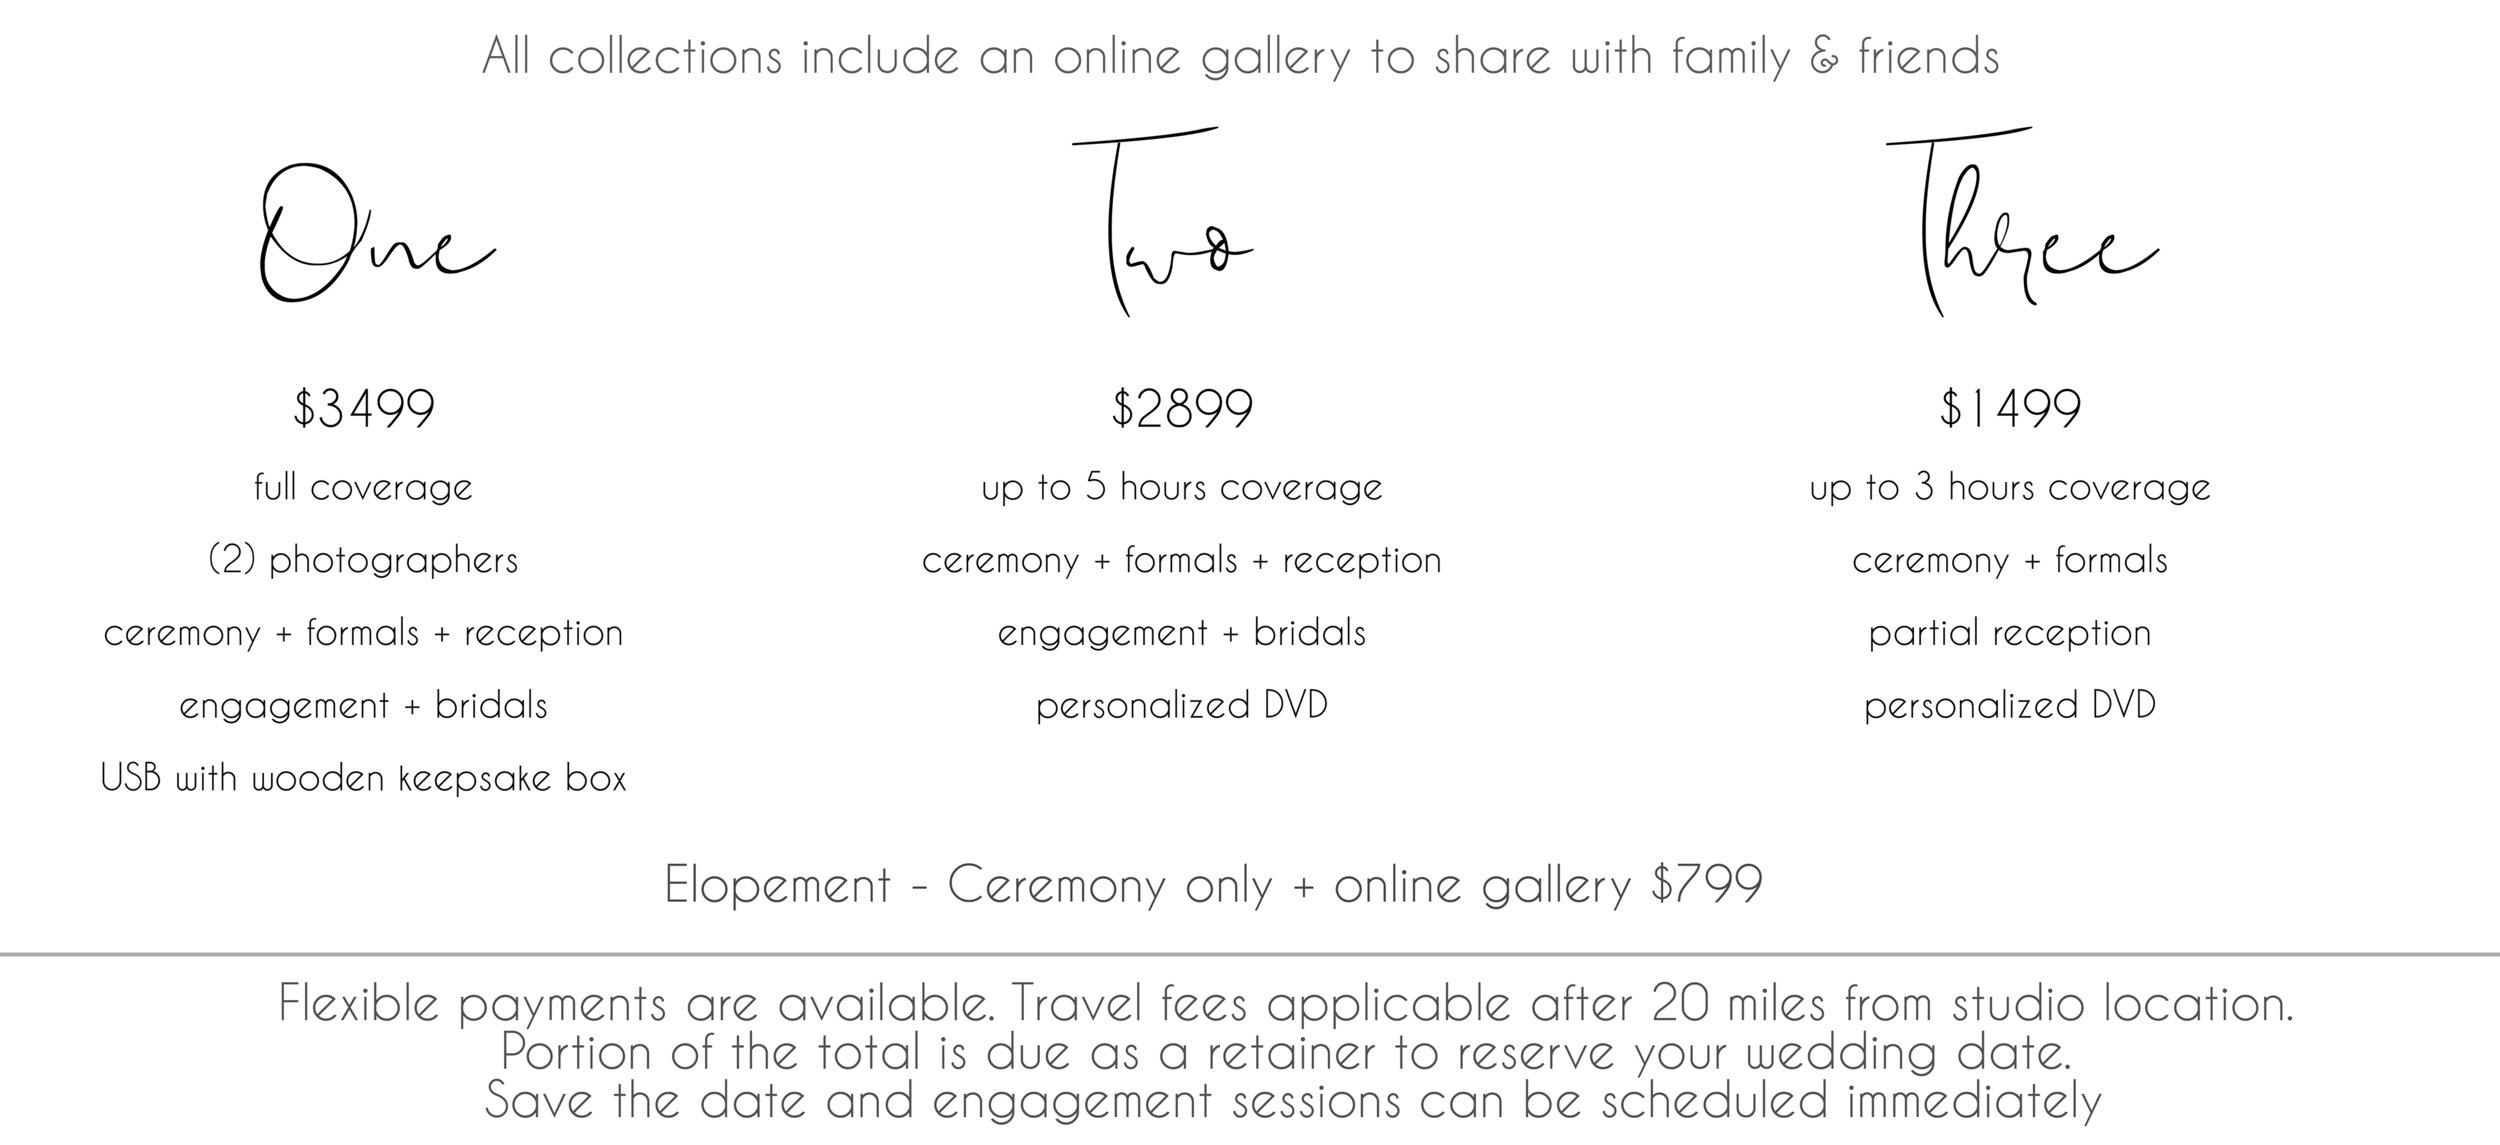 weddings price.jpg